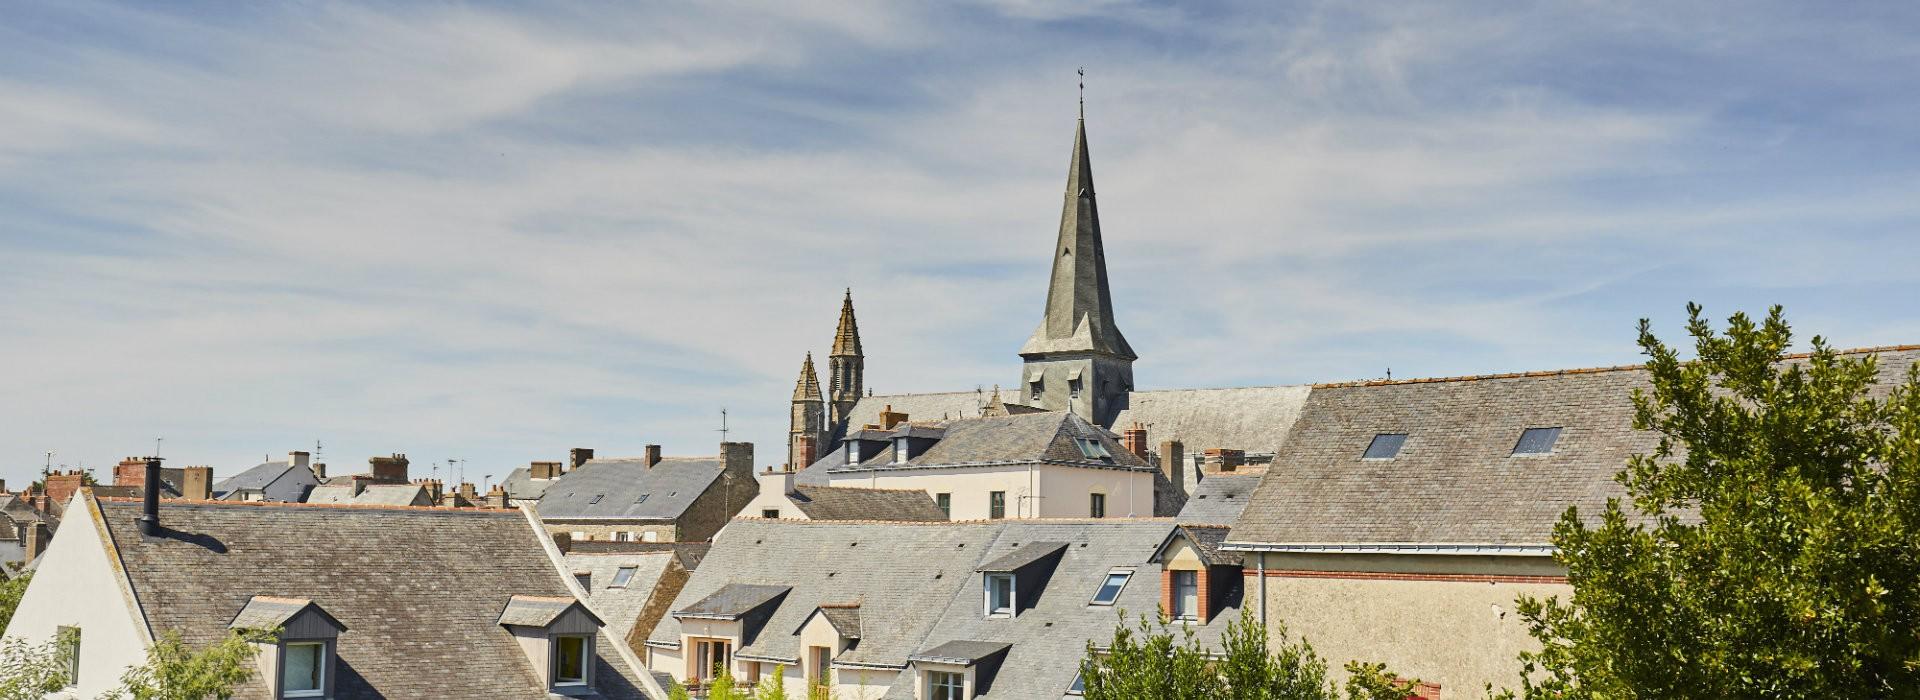 Où dormir à Guérande - Alexandre Lamoureux